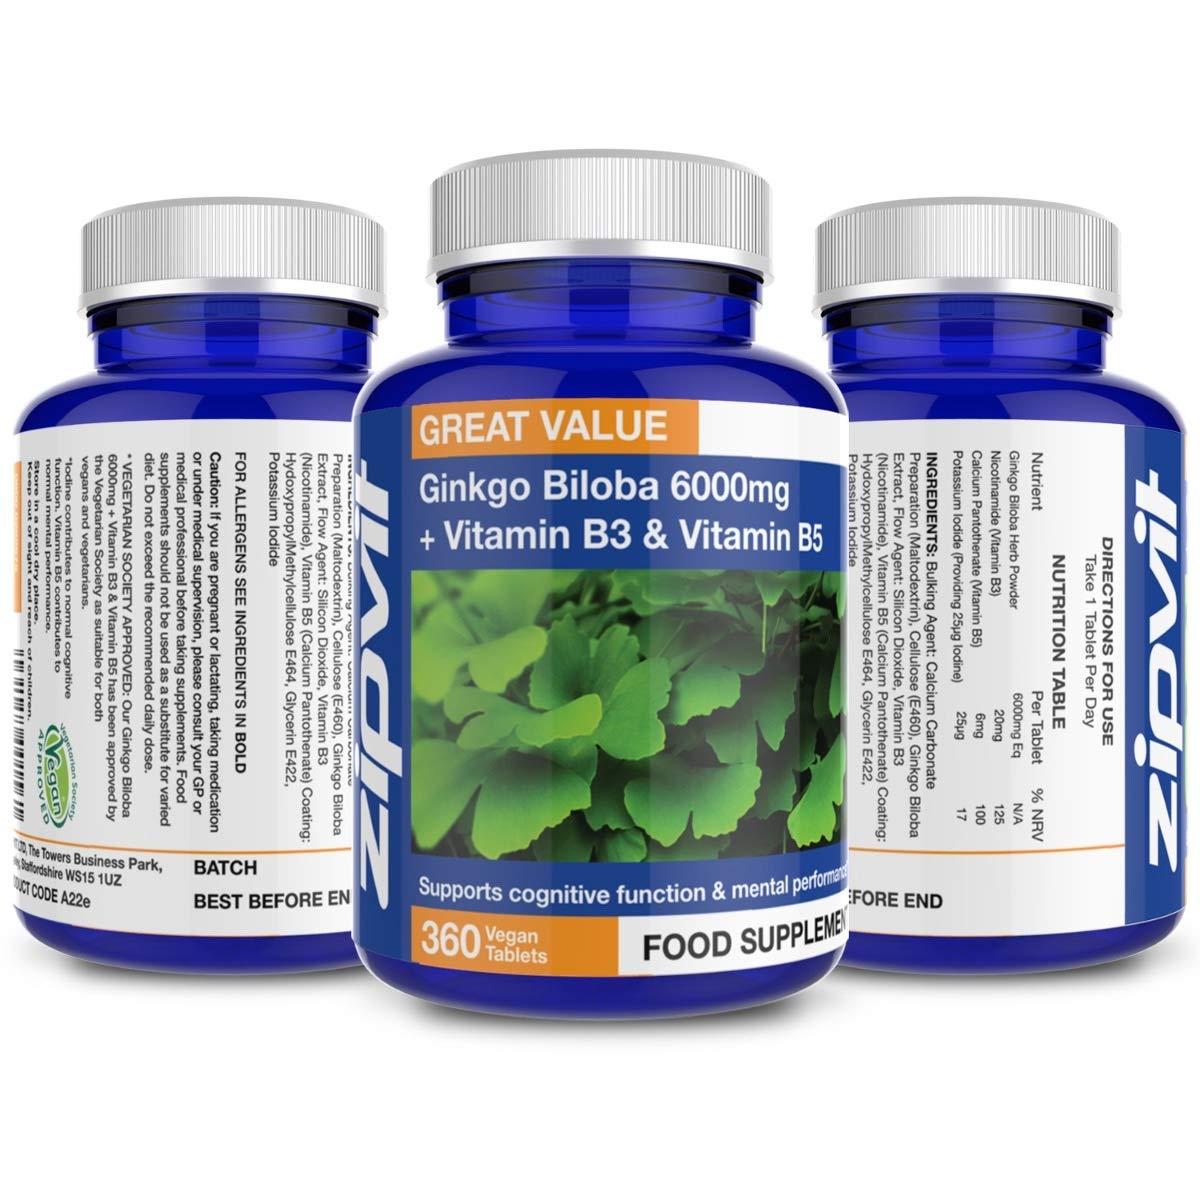 Ginkgo Biloba 6000mg + Vitamin B3 & B5 (360 Tablets): Amazon.es: Salud y cuidado personal